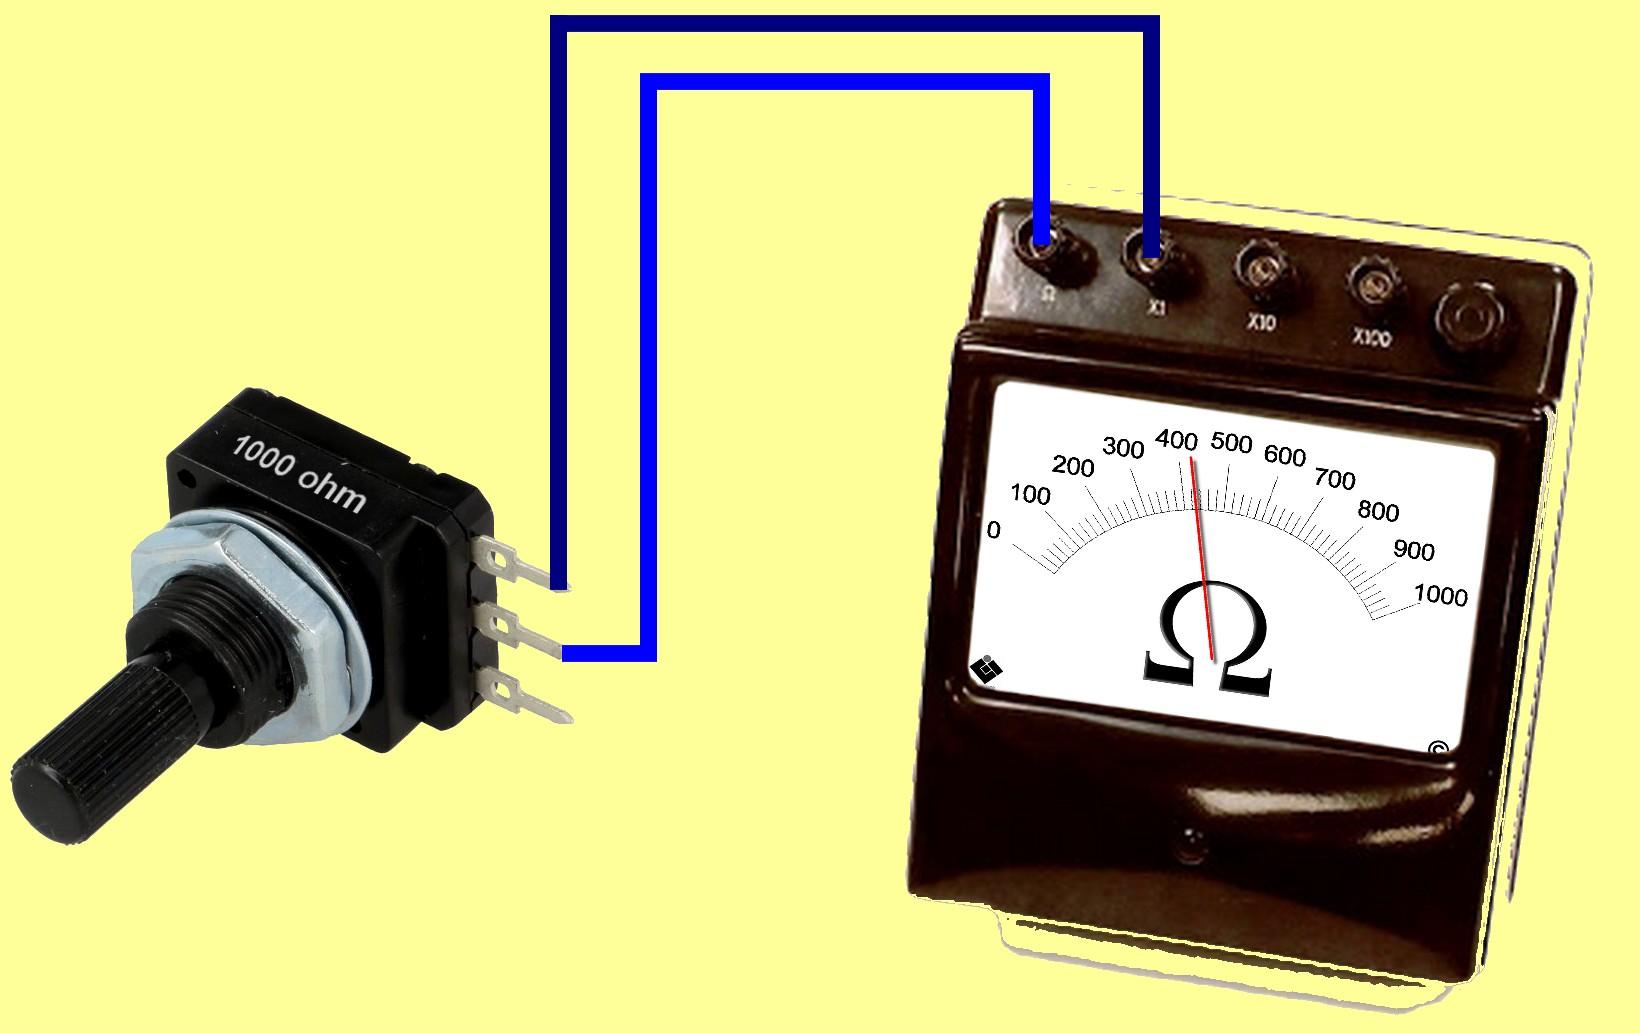 Figura 4: è possibile utilizzare solo due terminali di un potenziometro, al fine di ottenere una resistenza variabile